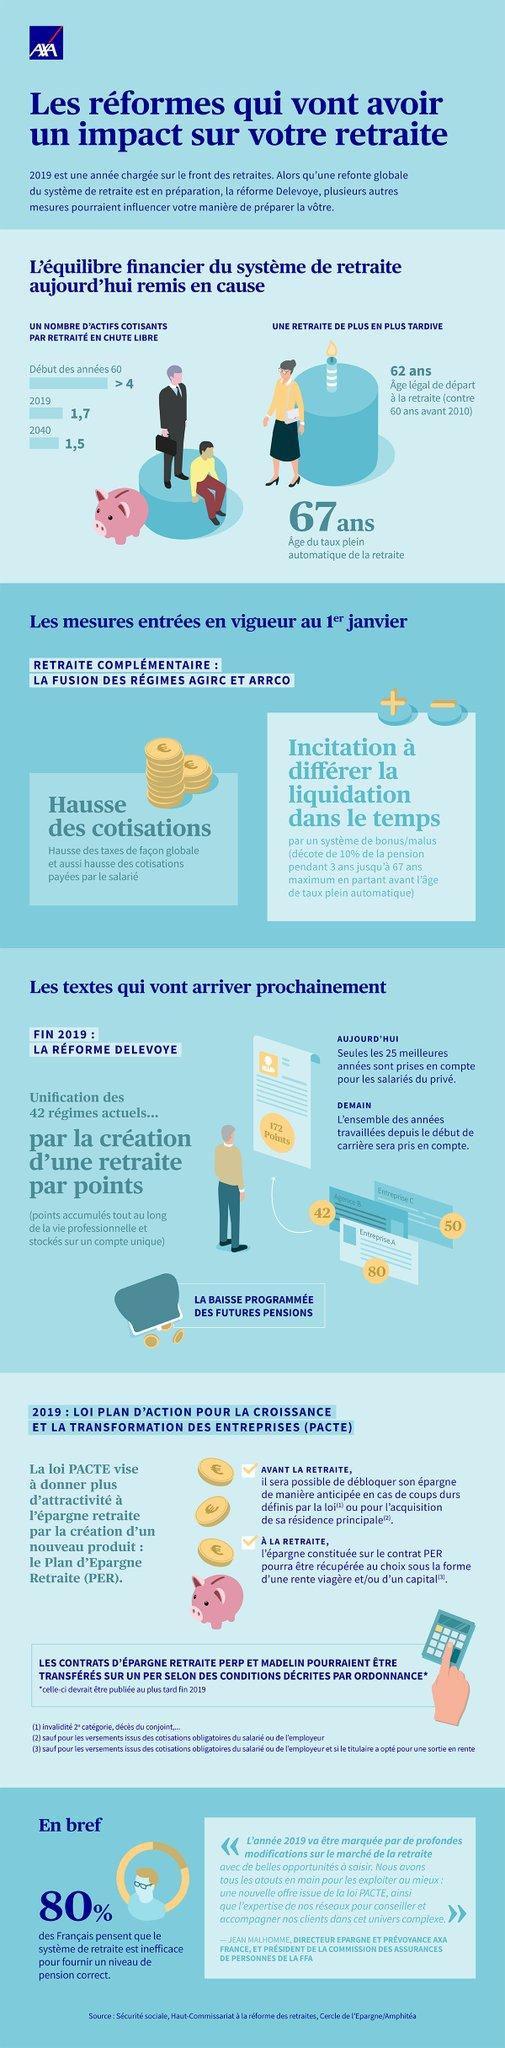 La réforme des retraites présentée au parlement : Quand Edouard Philippe vend du rêve... - Page 27 Eouhqi11